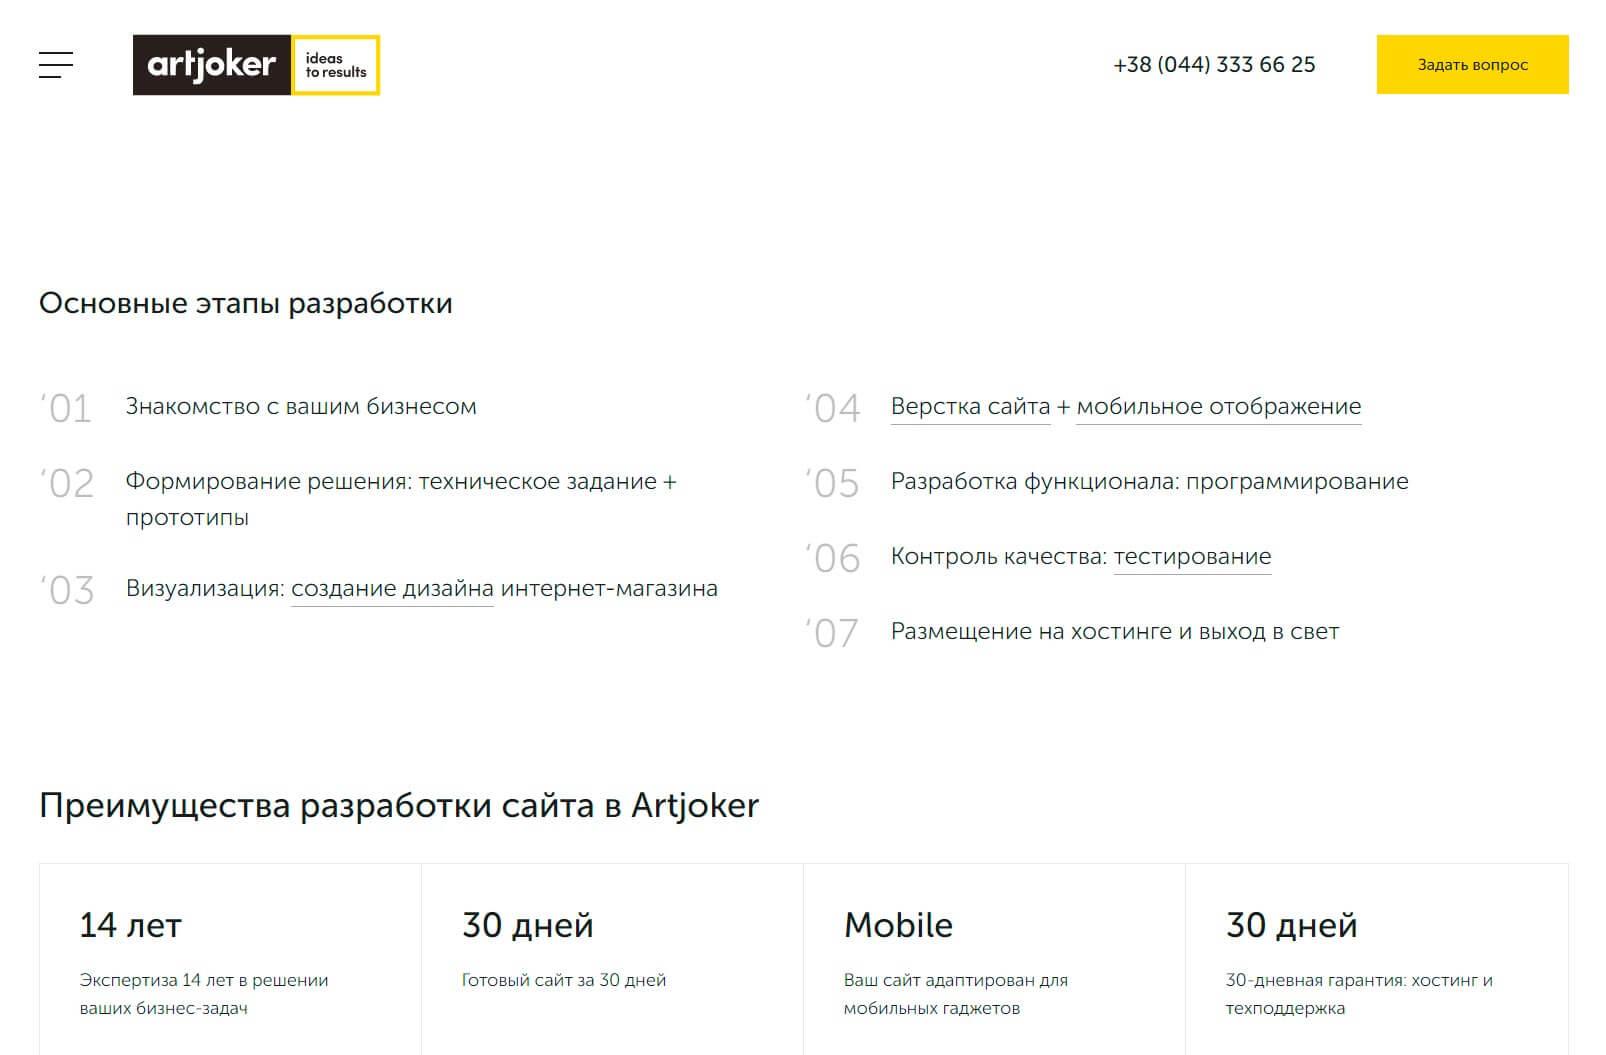 Artjoker - обзор компании, услуги, отзывы, клиенты | Google SEO, Фото № 2 - google-seo.pro